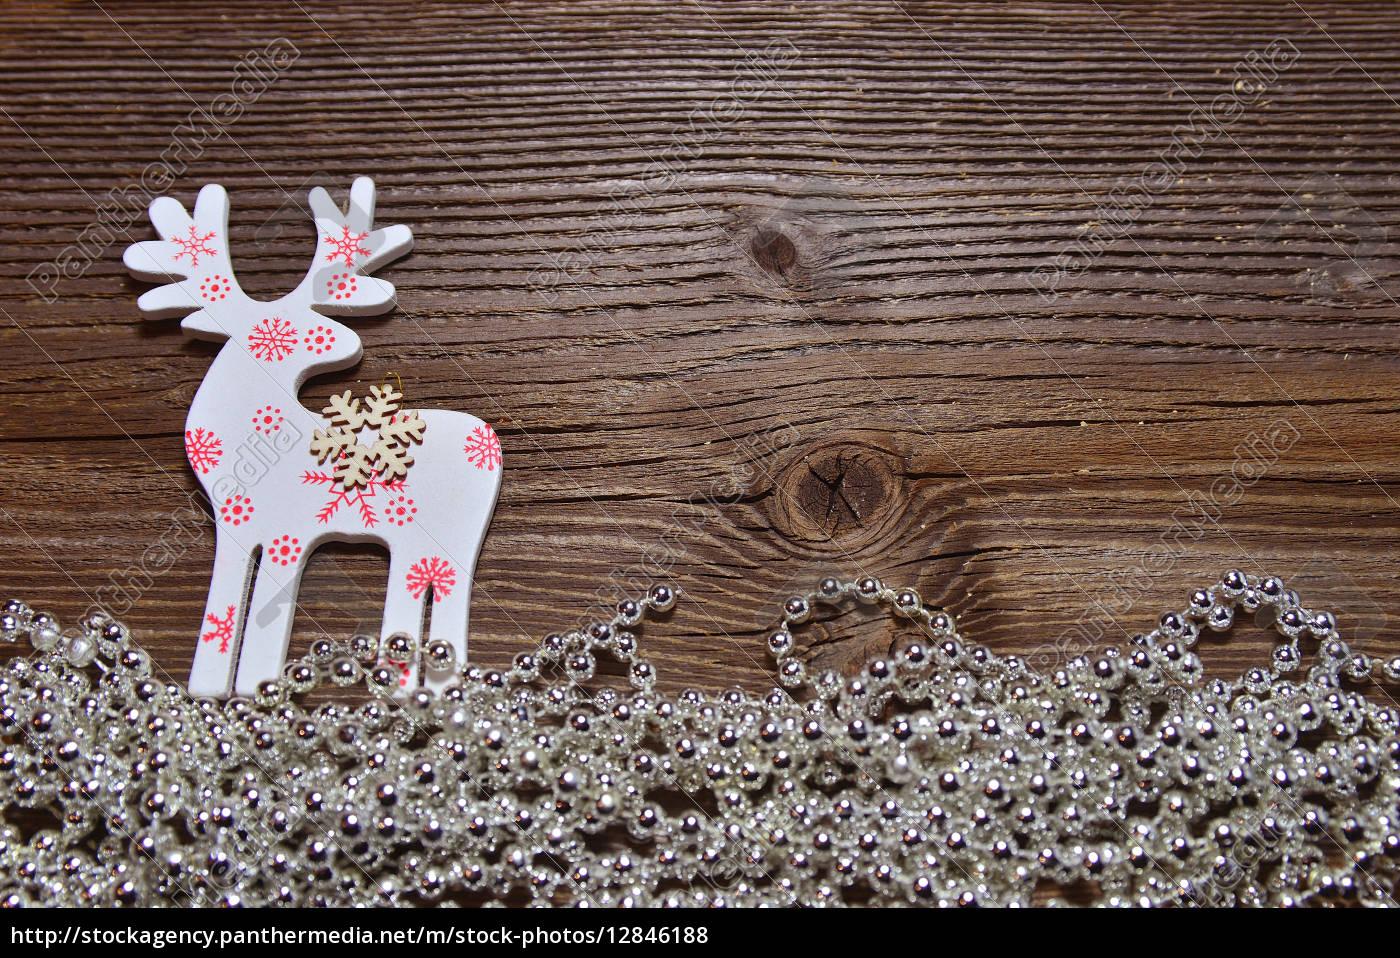 weihnachten holz hintergrund elch lizenzfreies foto. Black Bedroom Furniture Sets. Home Design Ideas